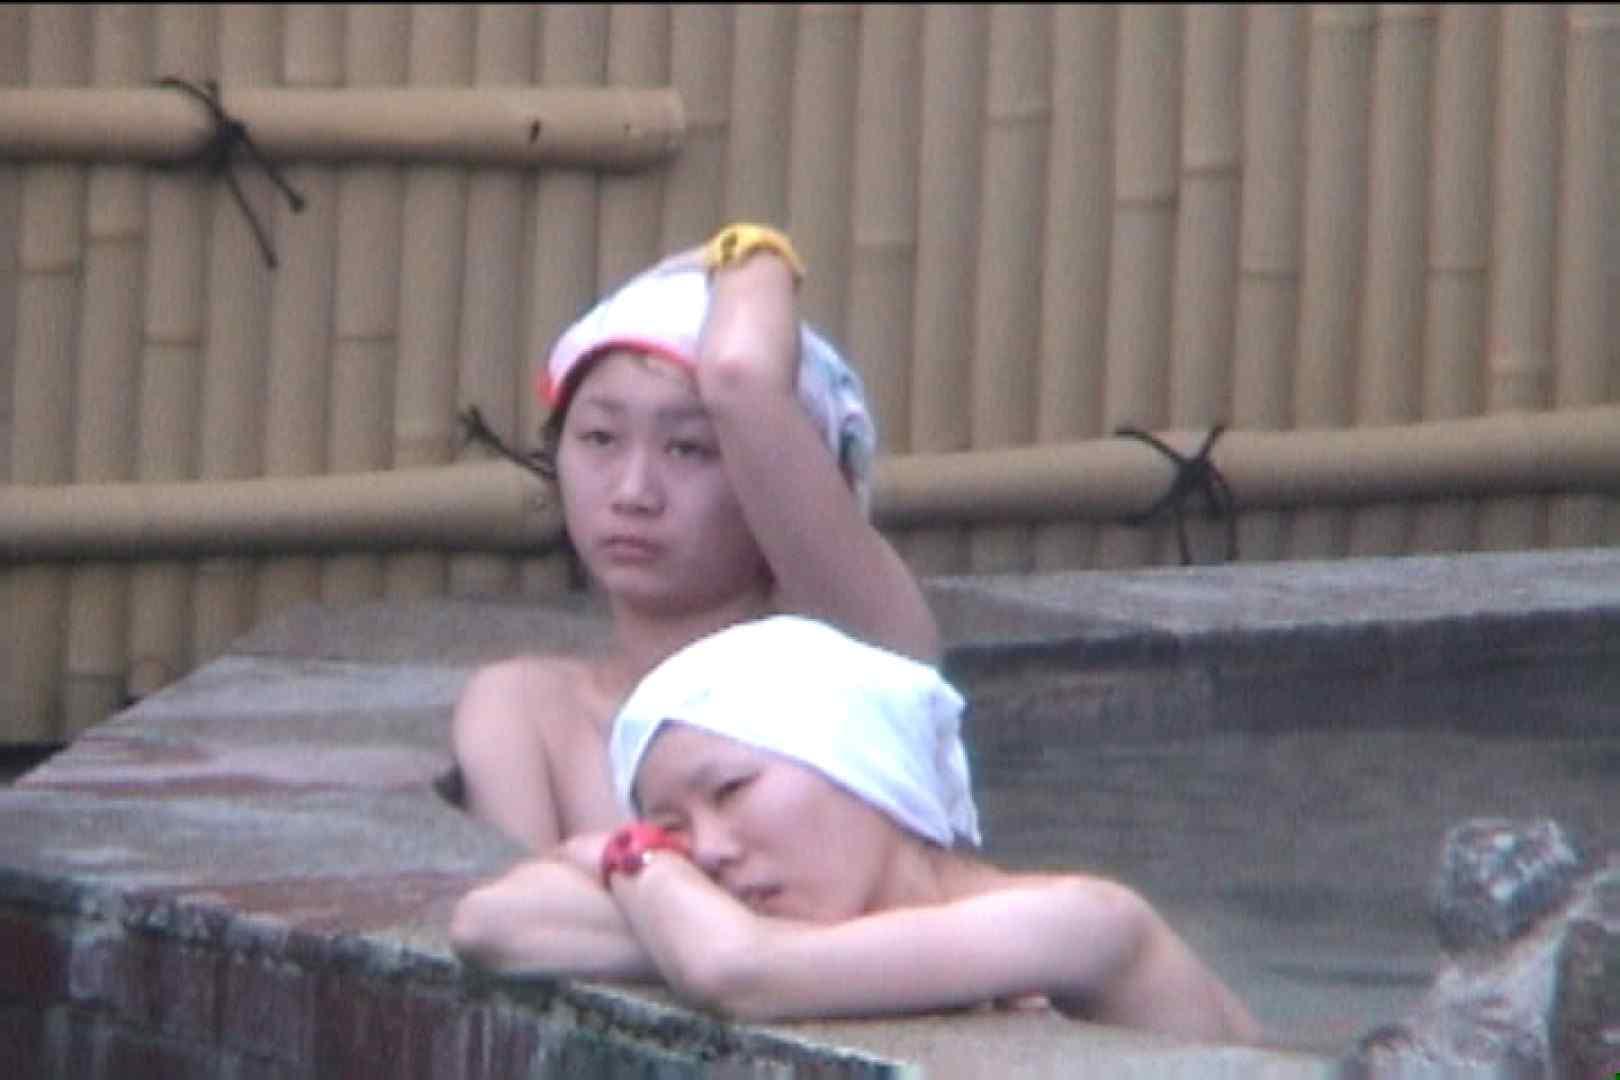 Aquaな露天風呂Vol.91【VIP限定】 OLエロ画像 | 露天  104PICs 55